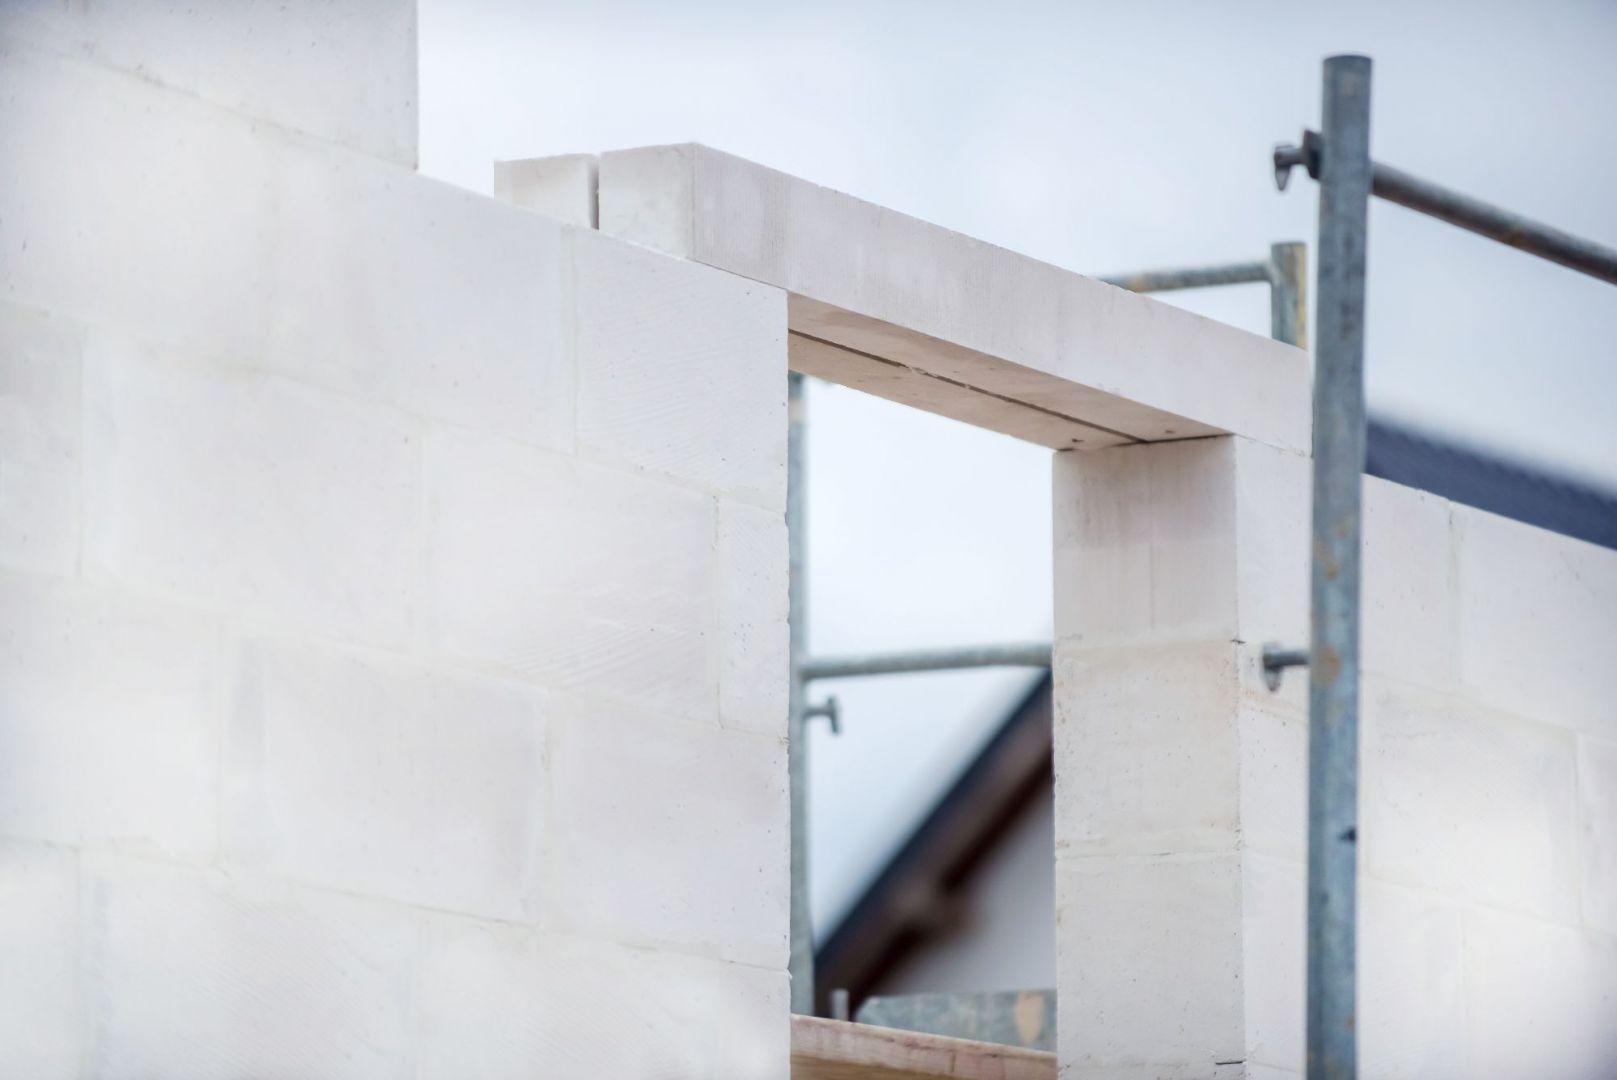 Wykonane ze zbrojonego betonu komórkowego belki nadprożowe H+H cechuje wysoka izolacyjność ciepła (współczynnik przewodzenia ciepła wynosi λ = 0,143 W/(m·K)), dzięki czemu budynek zyskuje na energooszczędności i generuje mniejsze koszty w trakcie użytkowania. Fot. H+H